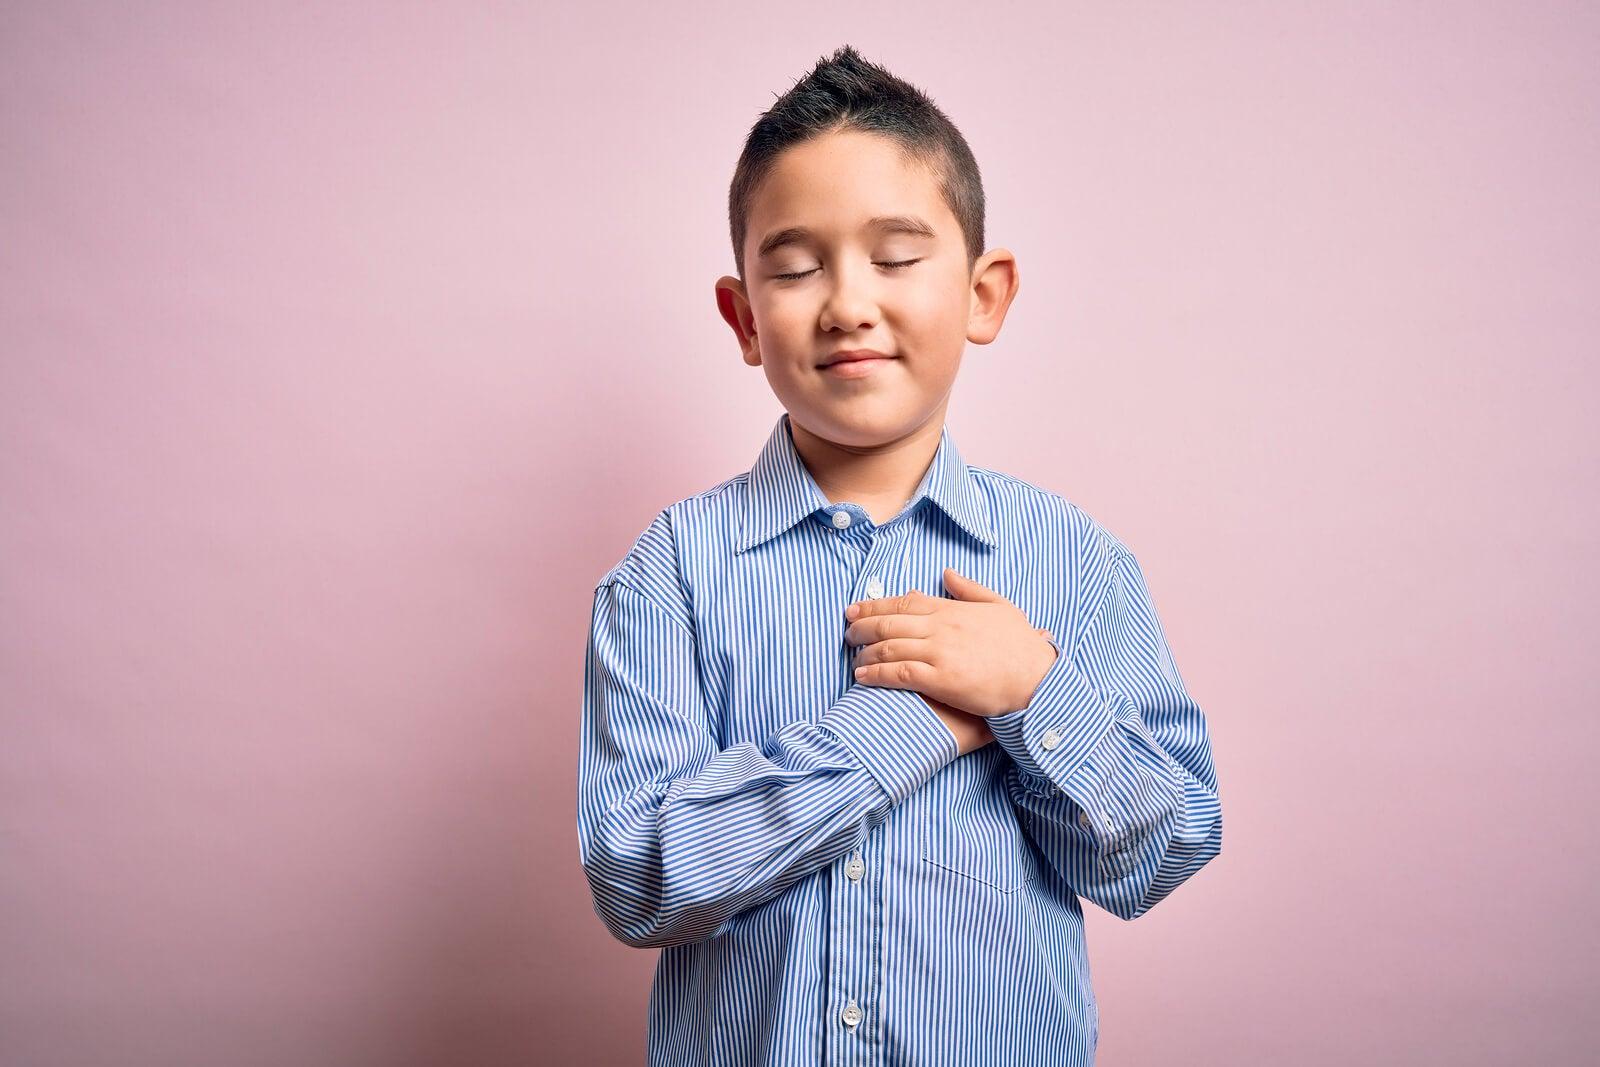 Niño agradecido con las manos en el pecho porque sabe qué tan importante es la paz.